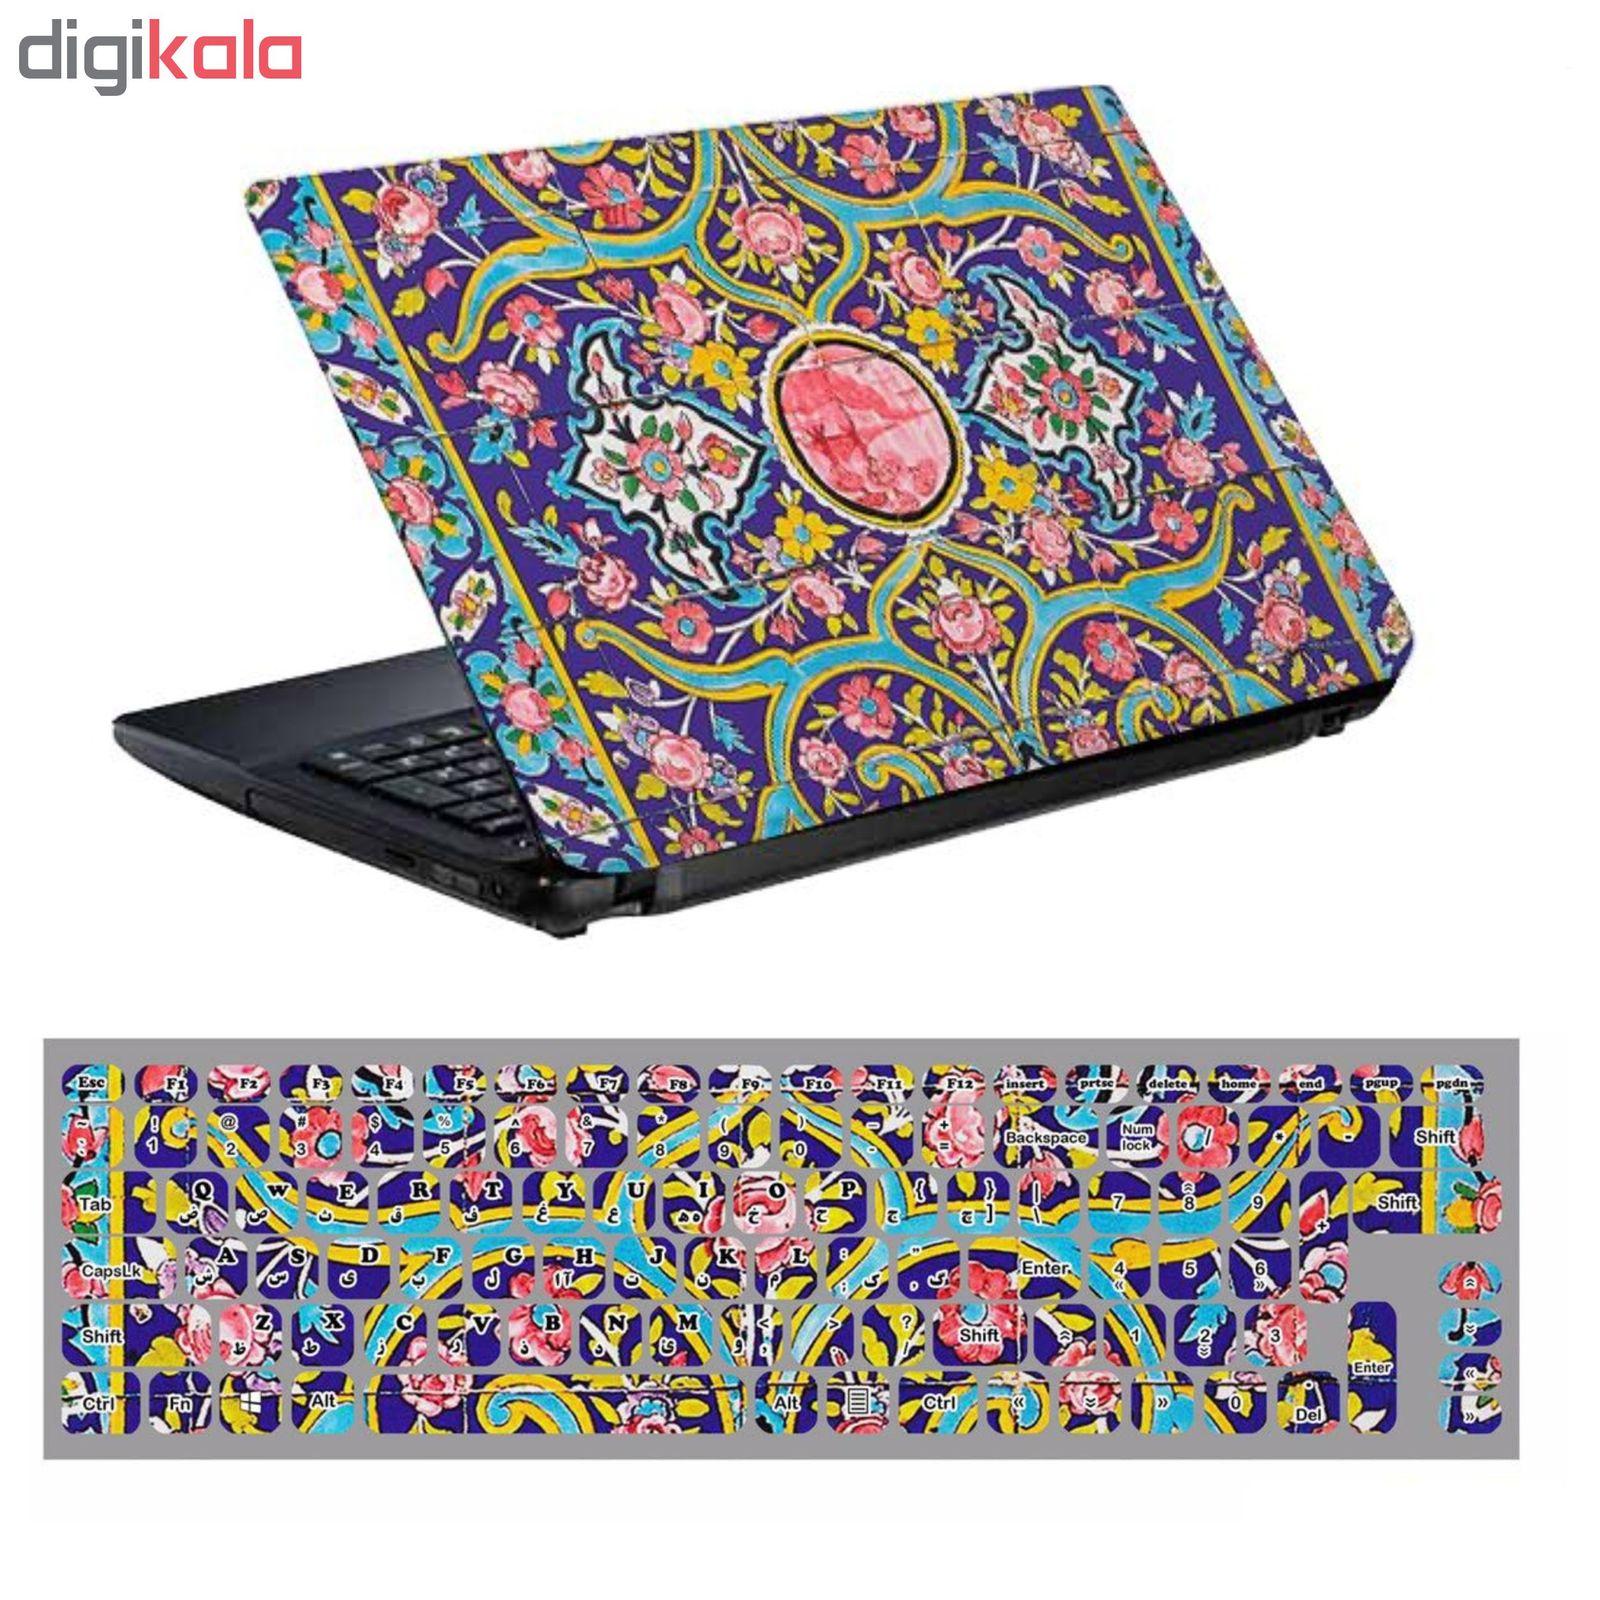 استیکر لپ تاپ طرح نقش خیال کد 0909-98 مناسب برای لپ تاپ 15.6 اینچ به همراه برچسب حروف فارسی کیبورد main 1 1